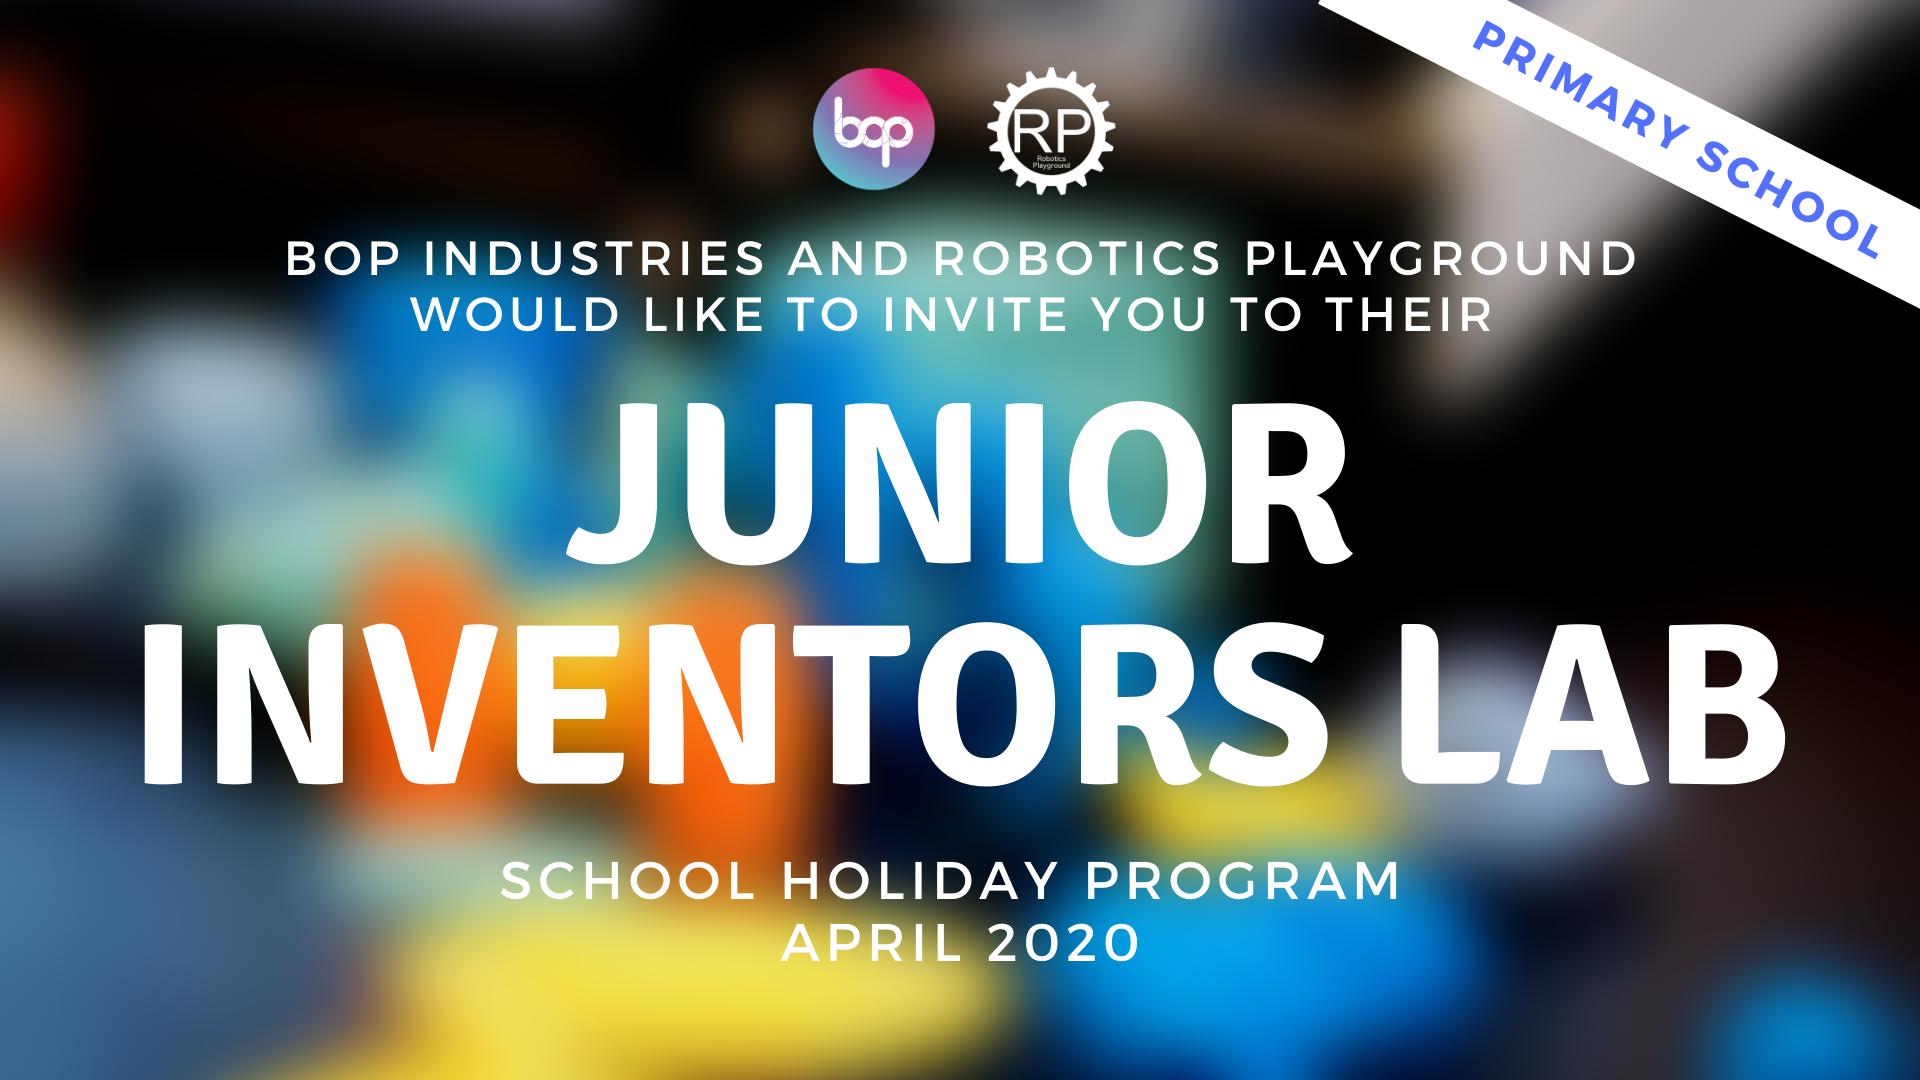 Junior Inventors School Holiday Program - Primary School